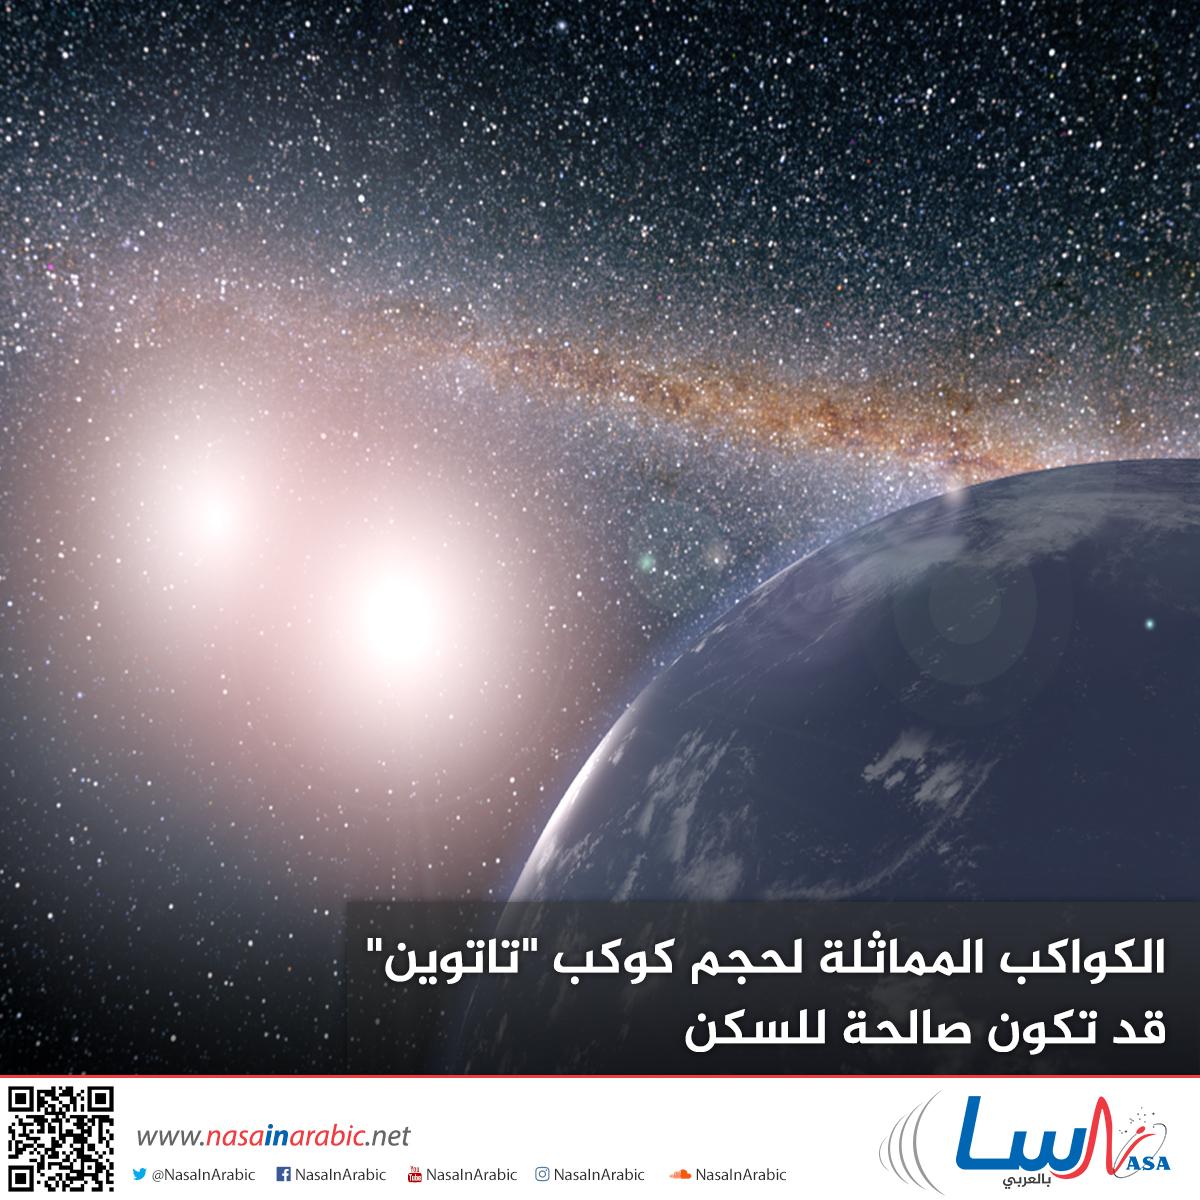 الكواكب المماثلة لحجم كوكب